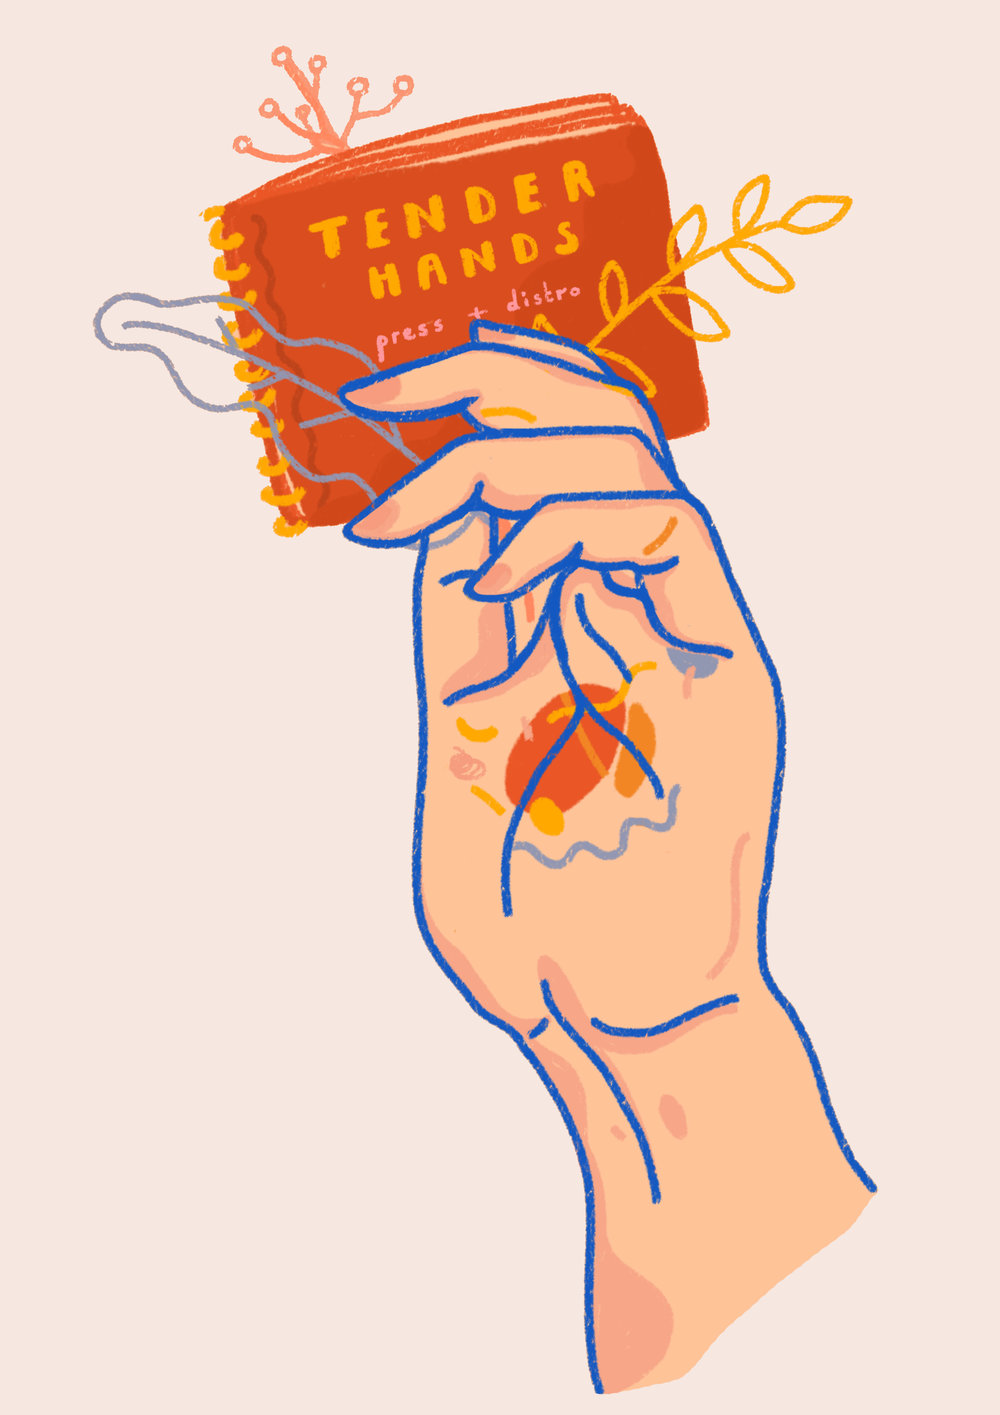 tenderhandsLOGO.jpg